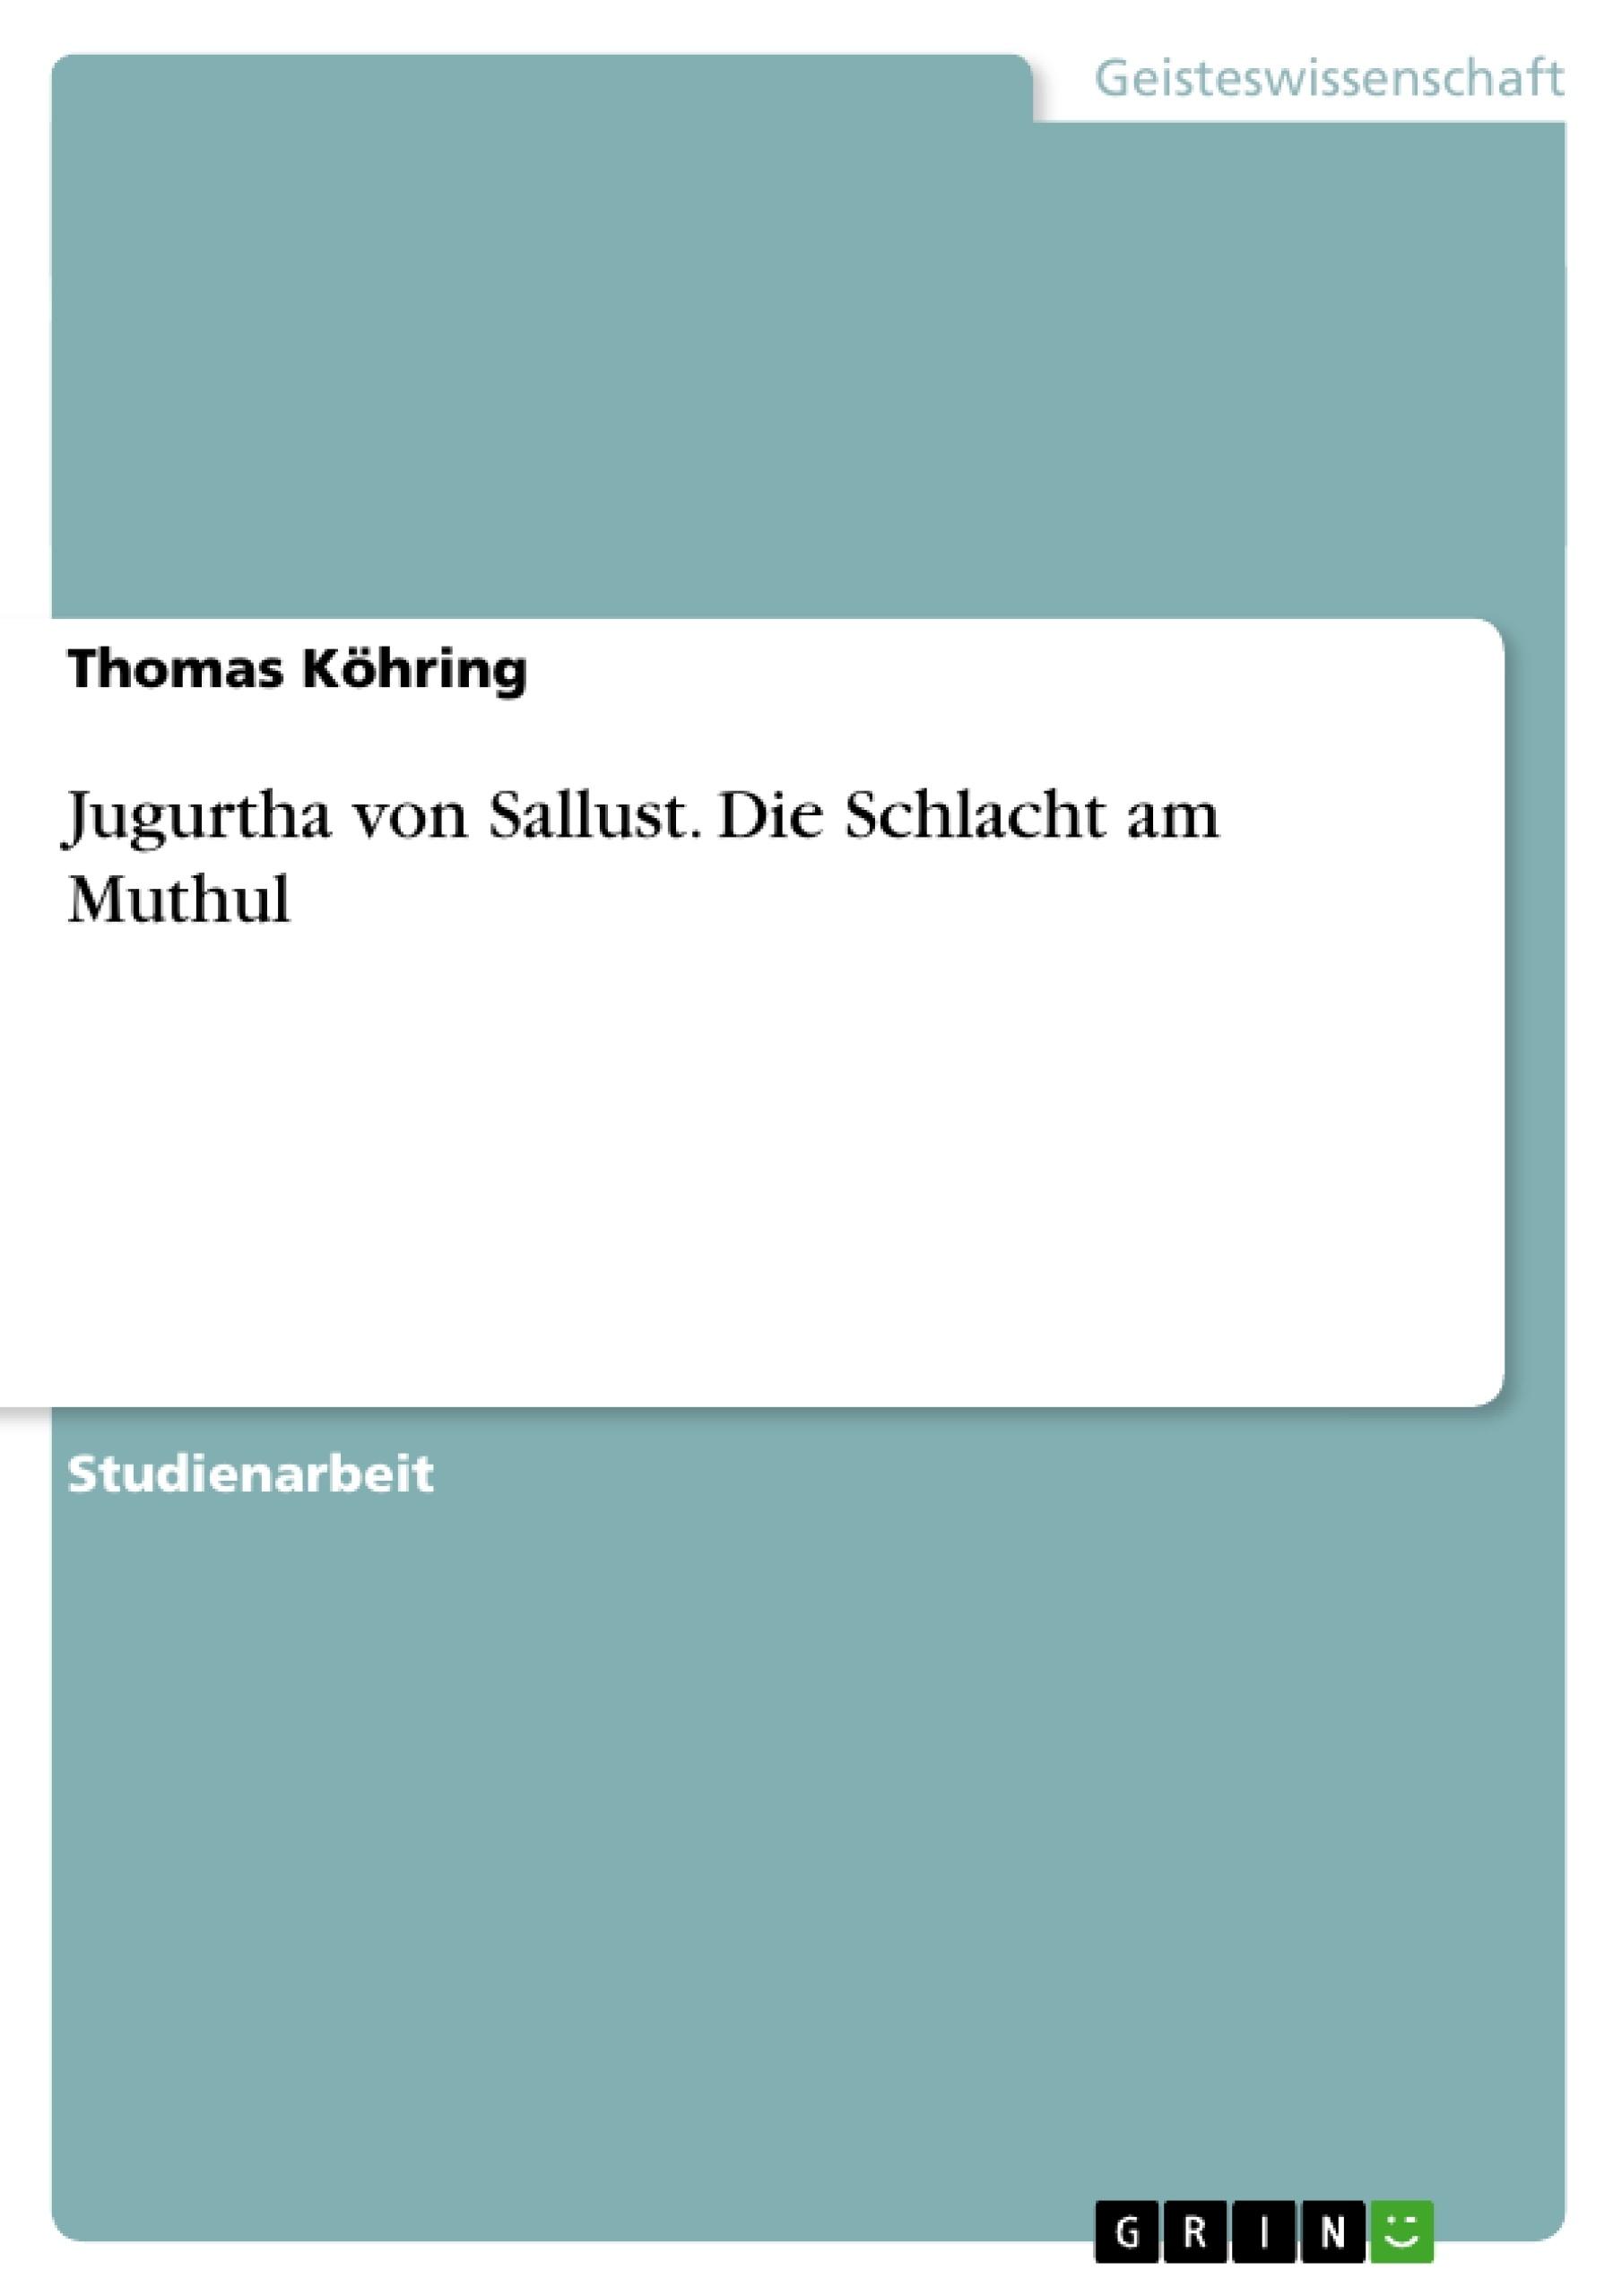 Titel: Jugurtha von Sallust. Die Schlacht am Muthul